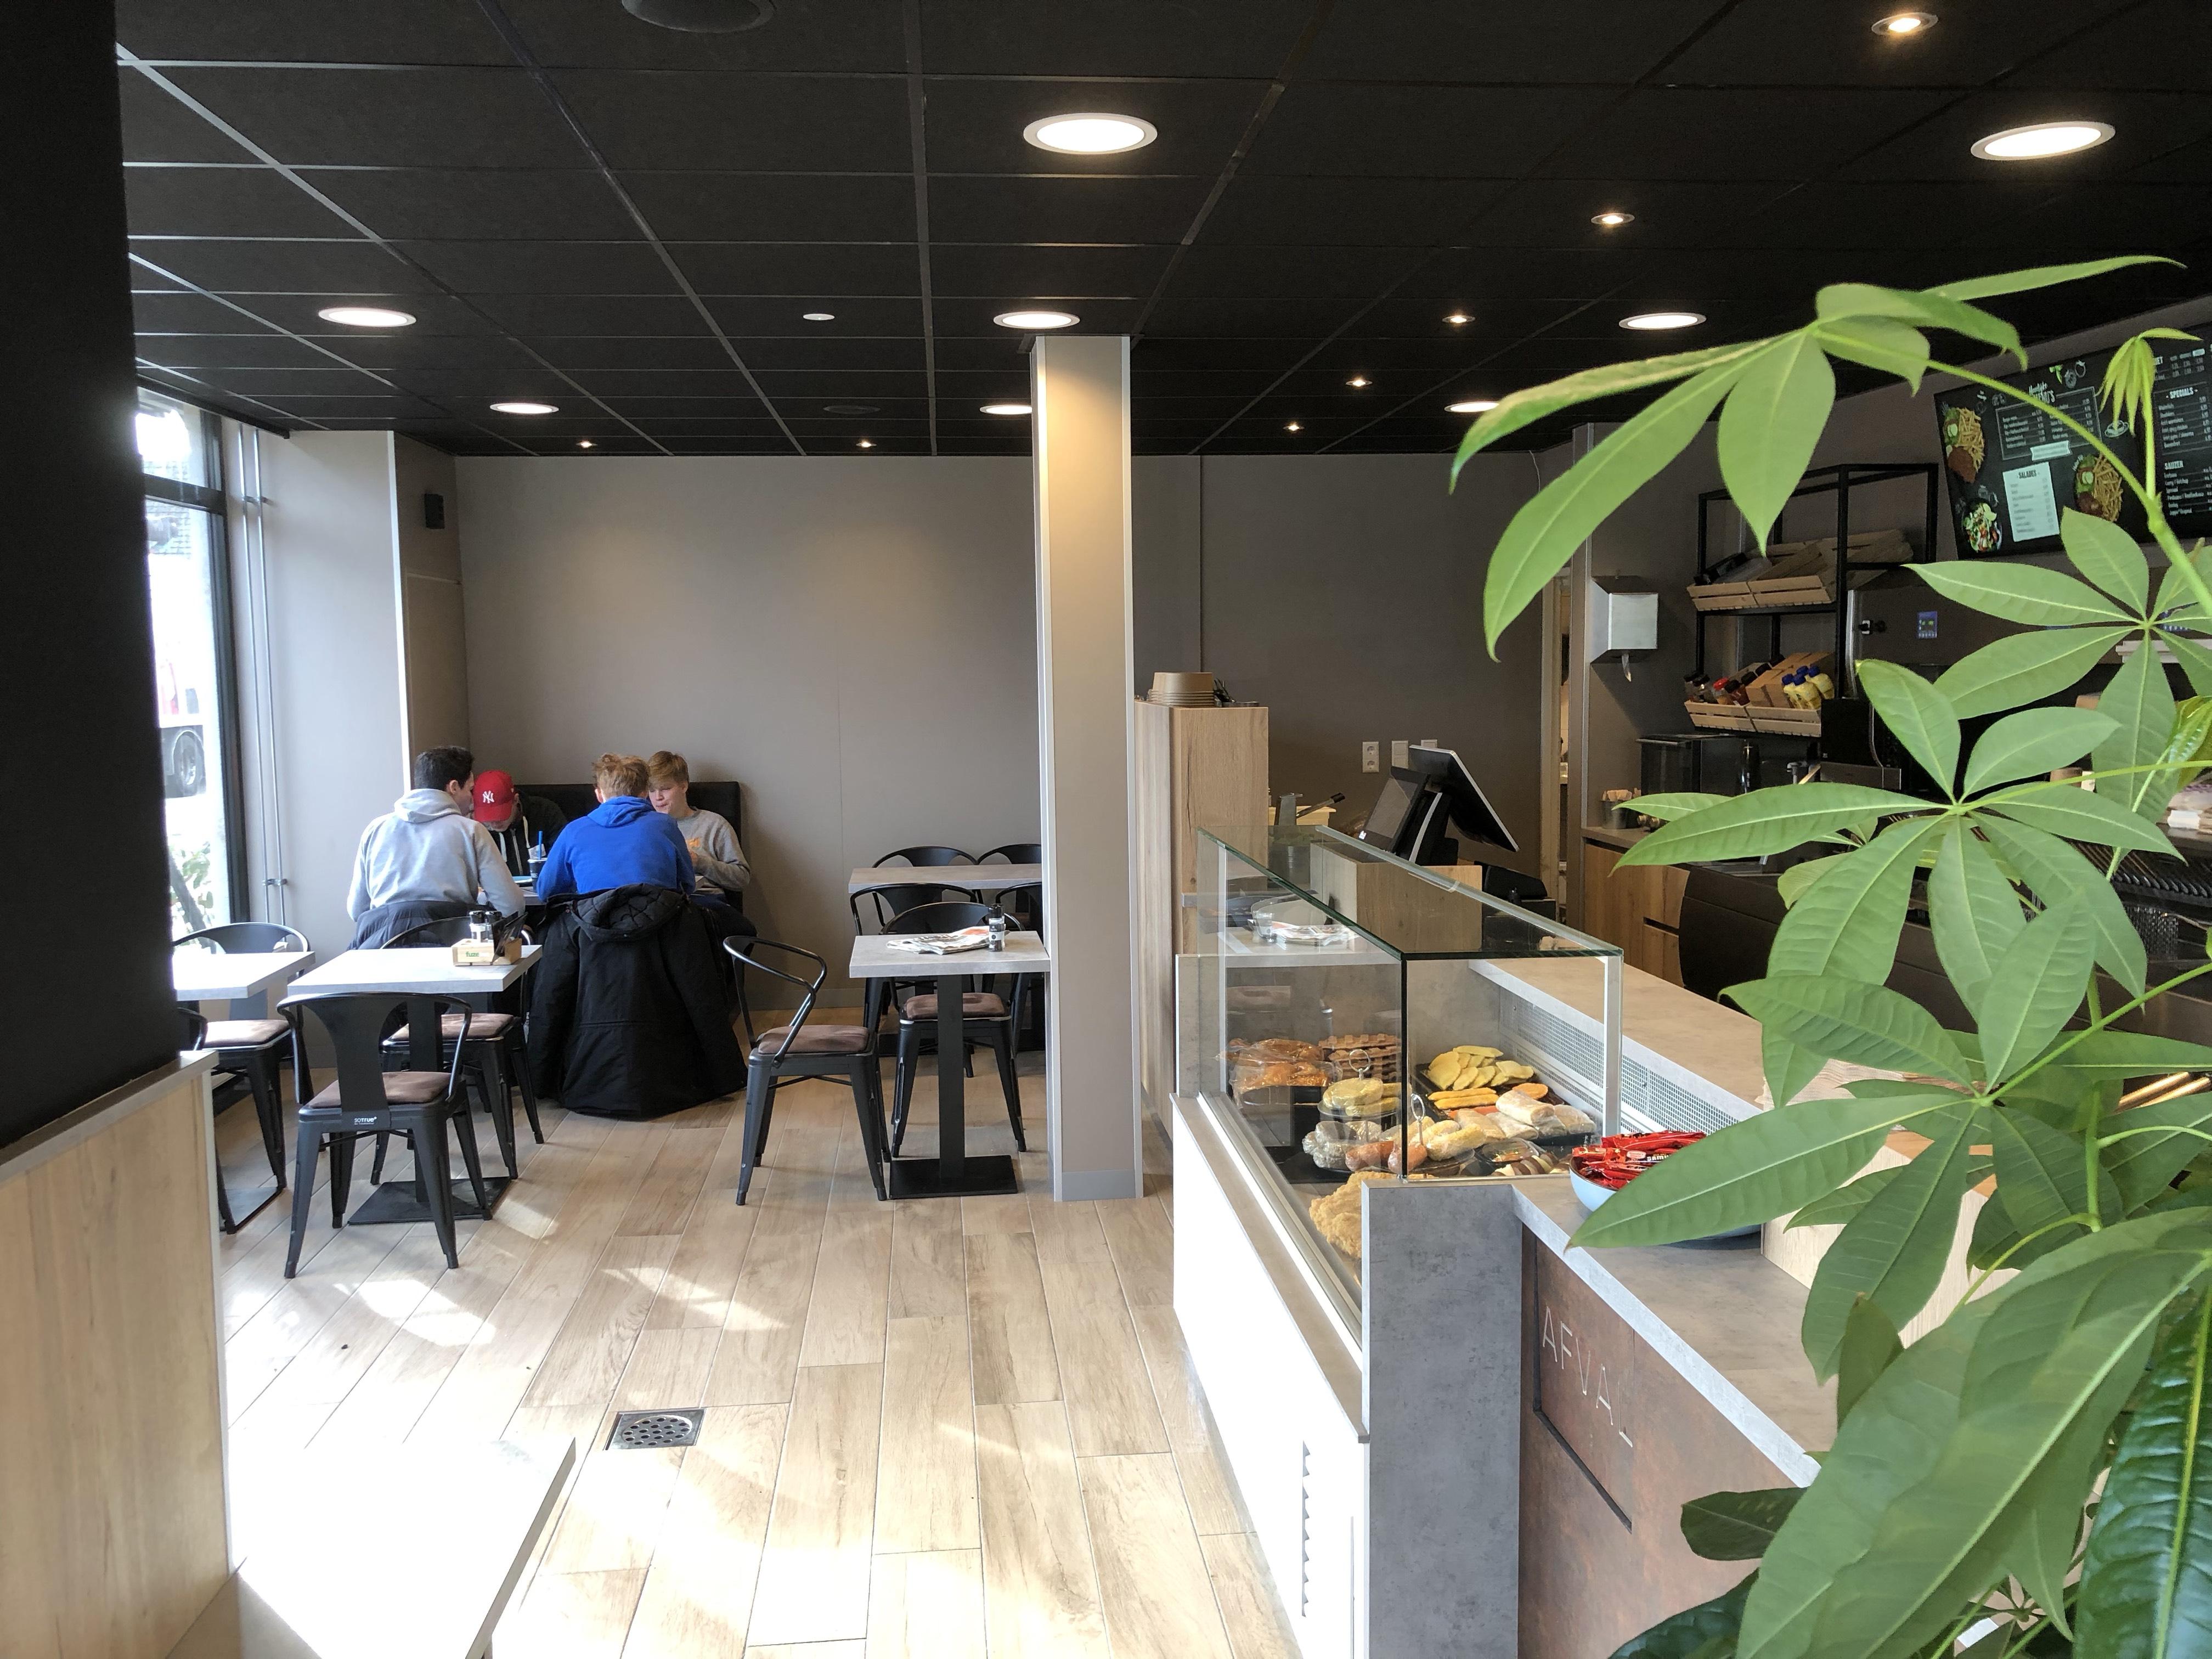 De Leeuw Interieurbouw.Cafetaria Lekkerrr Heropend Met Nieuwe Look En Bakwand